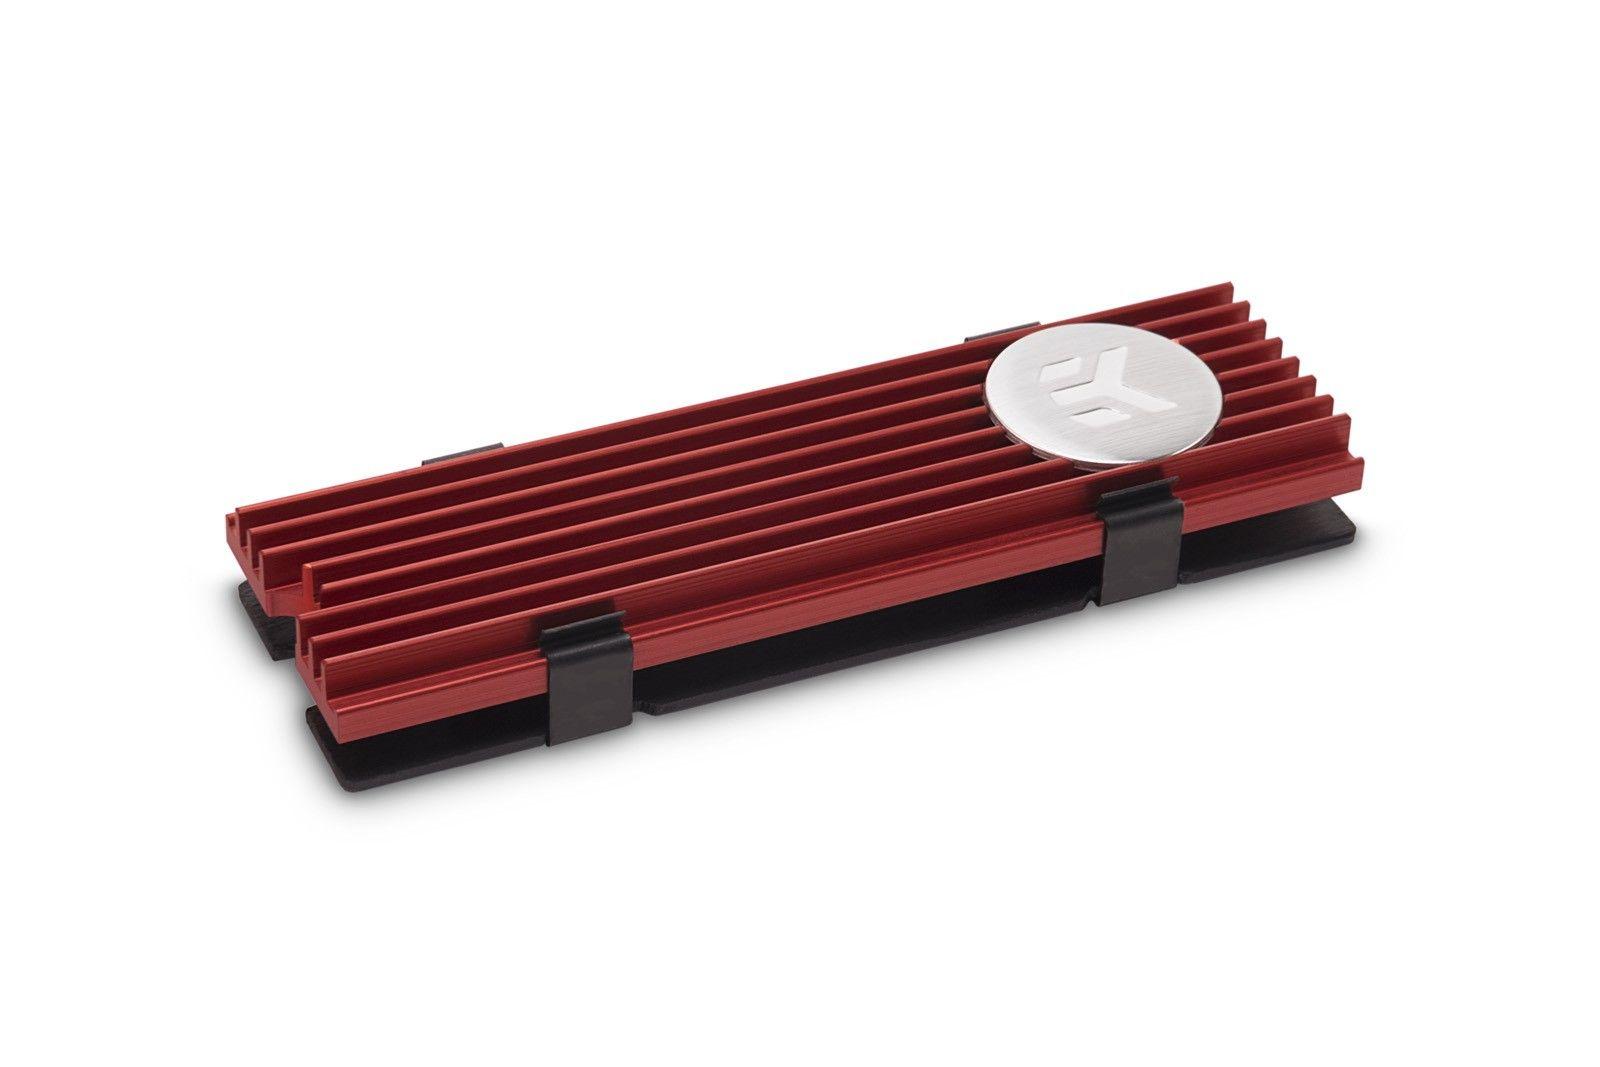 EK Water Blocks 3830046991751 hardwarekoeling Solid-state drive Koelplaat